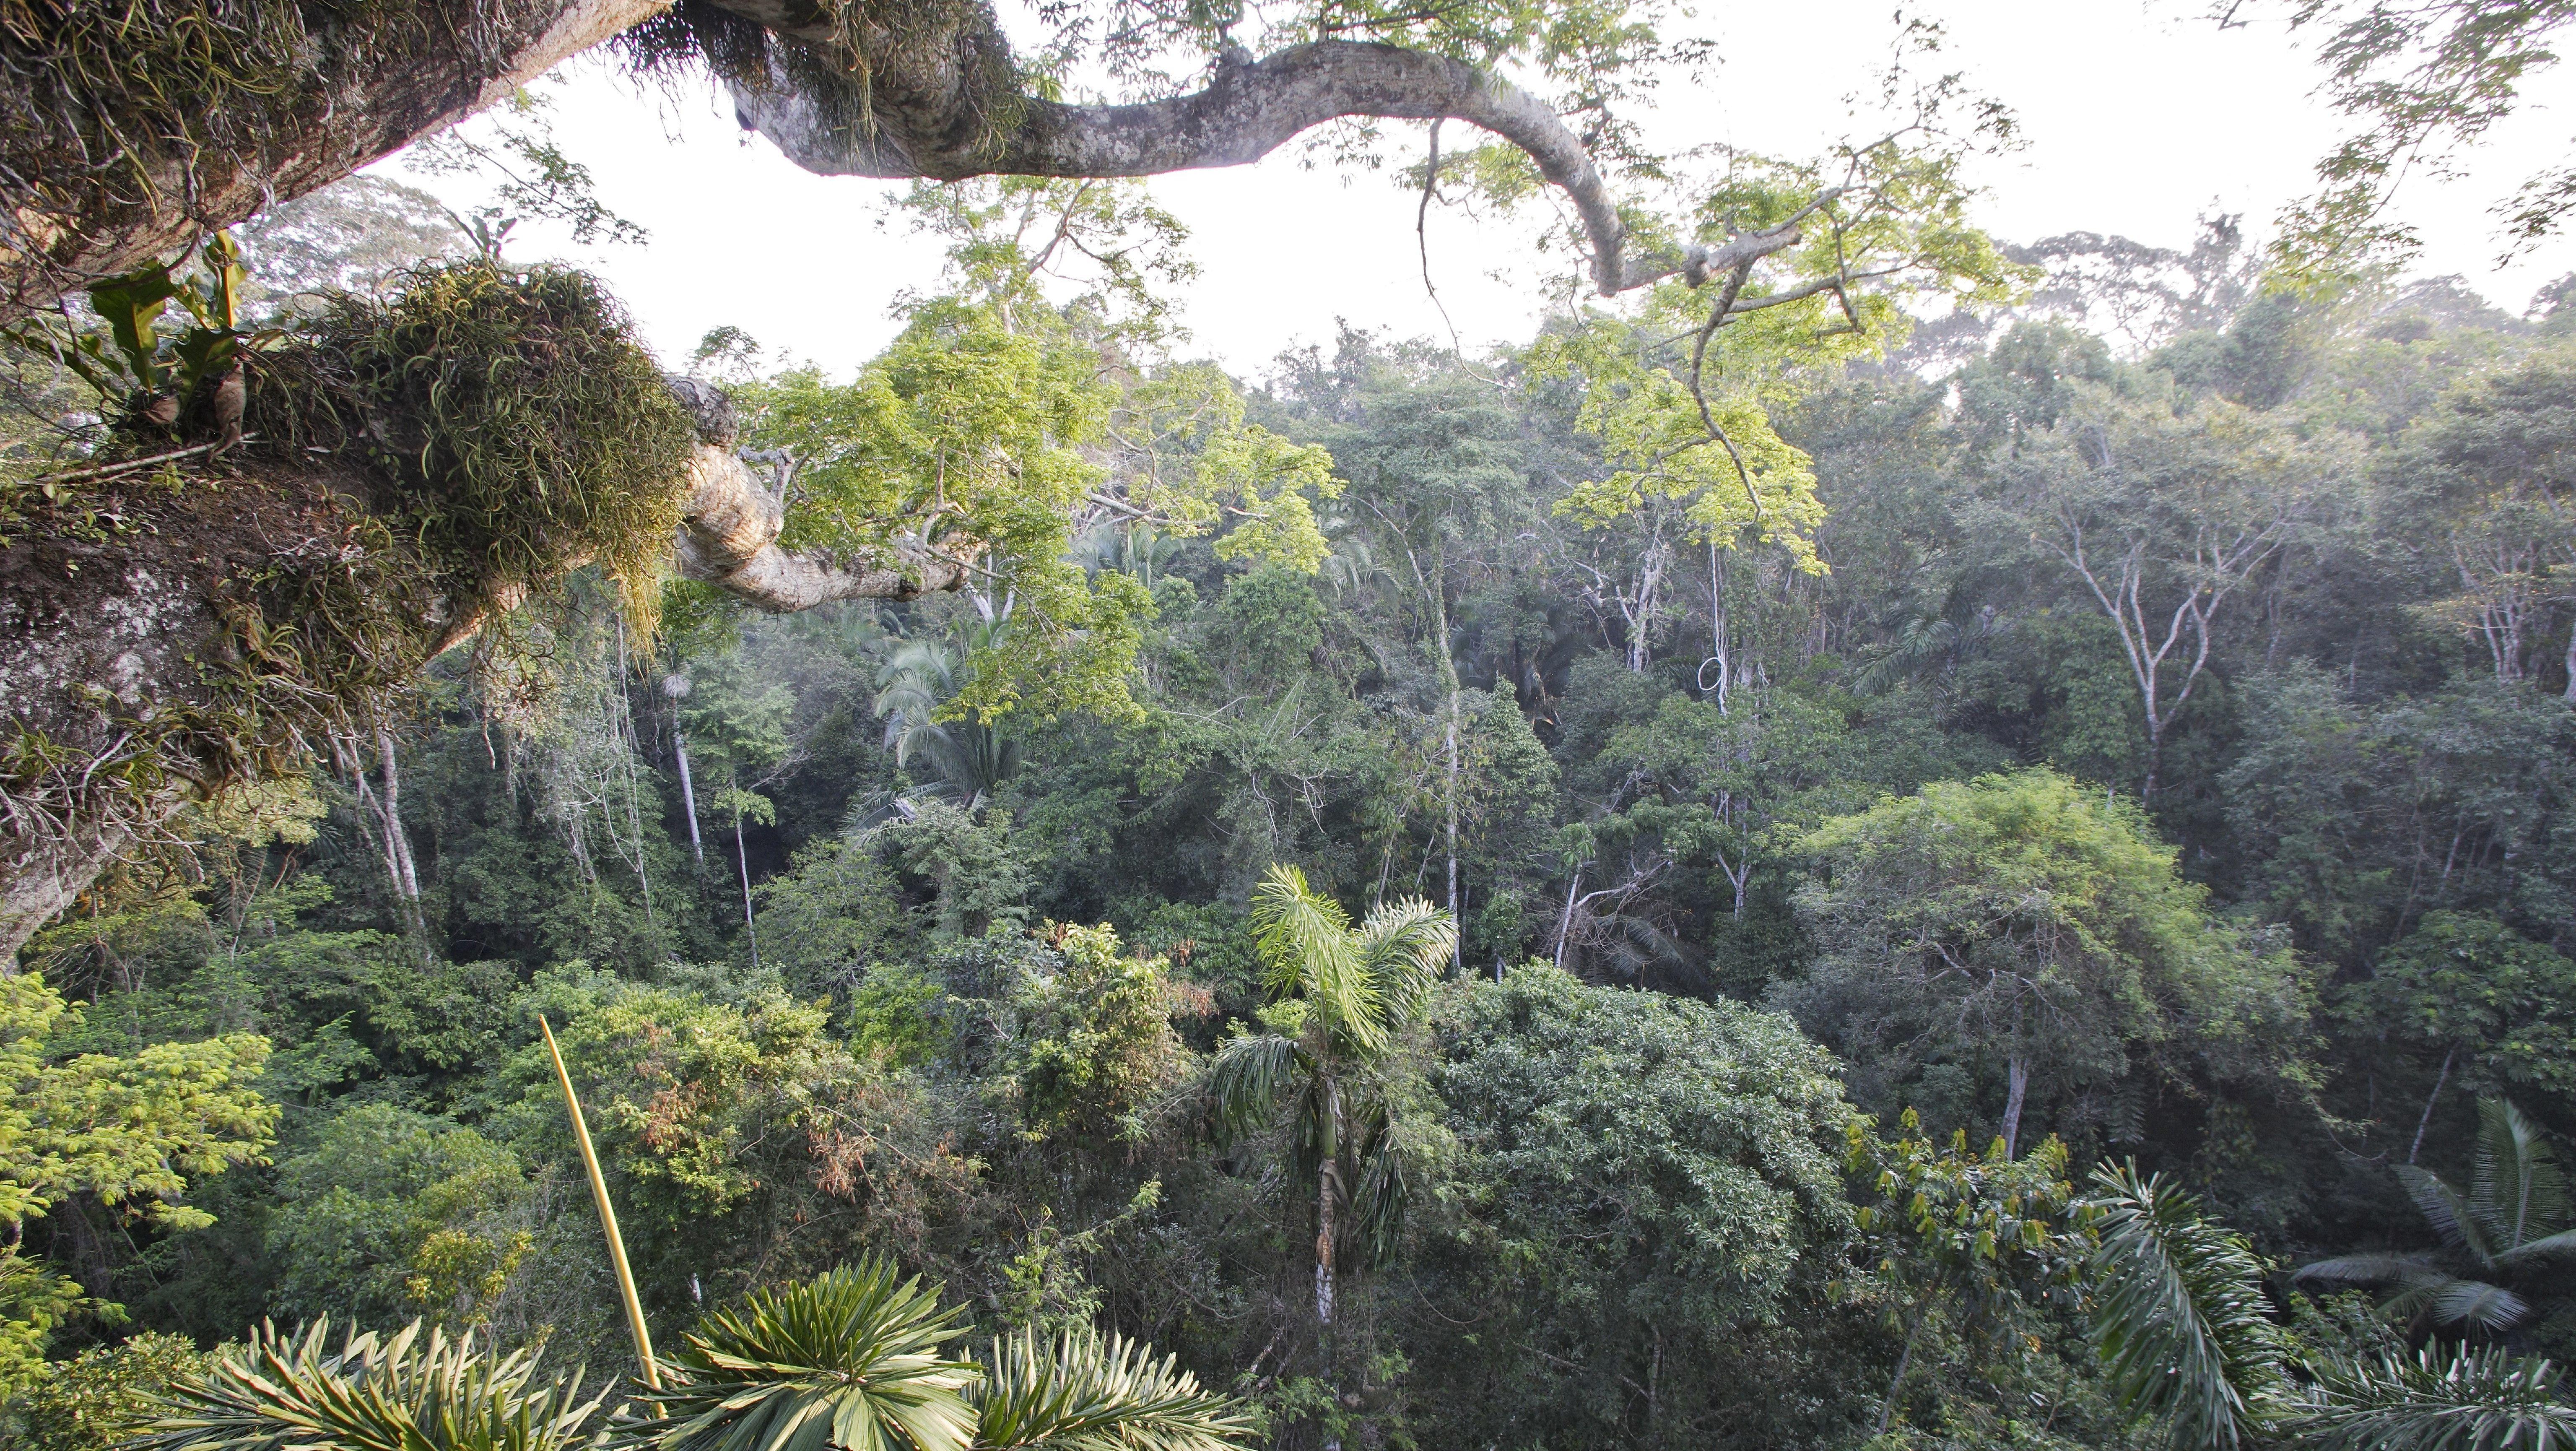 Der tropischer Regenwald im Manu Nationalpark ist Teil des peruanischen Amazonas-Gebiets.